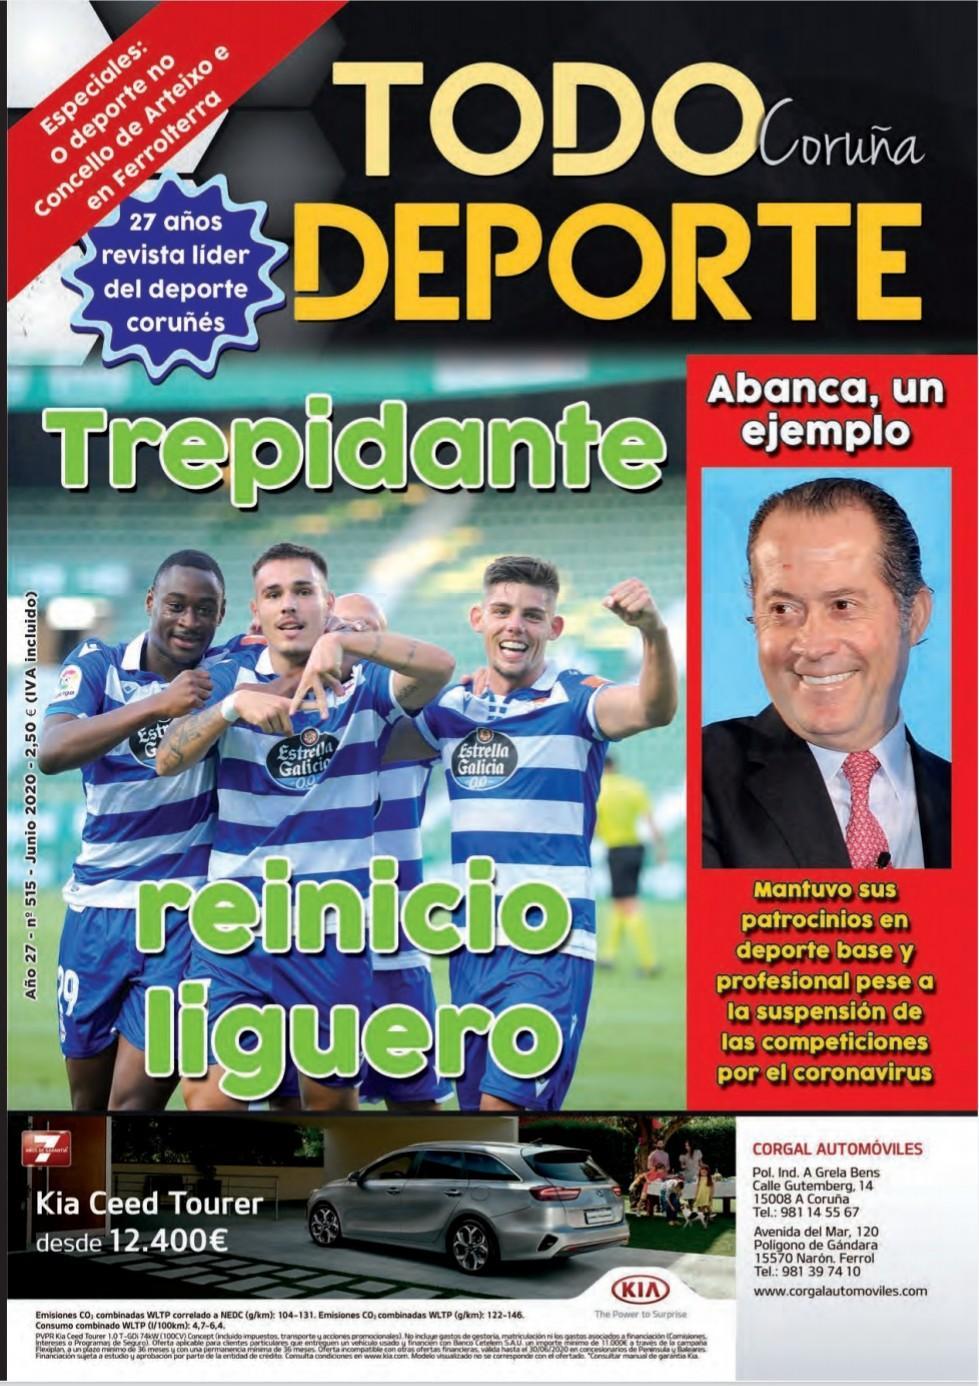 Revista Tododeporte 515 - Depor Ponferrada